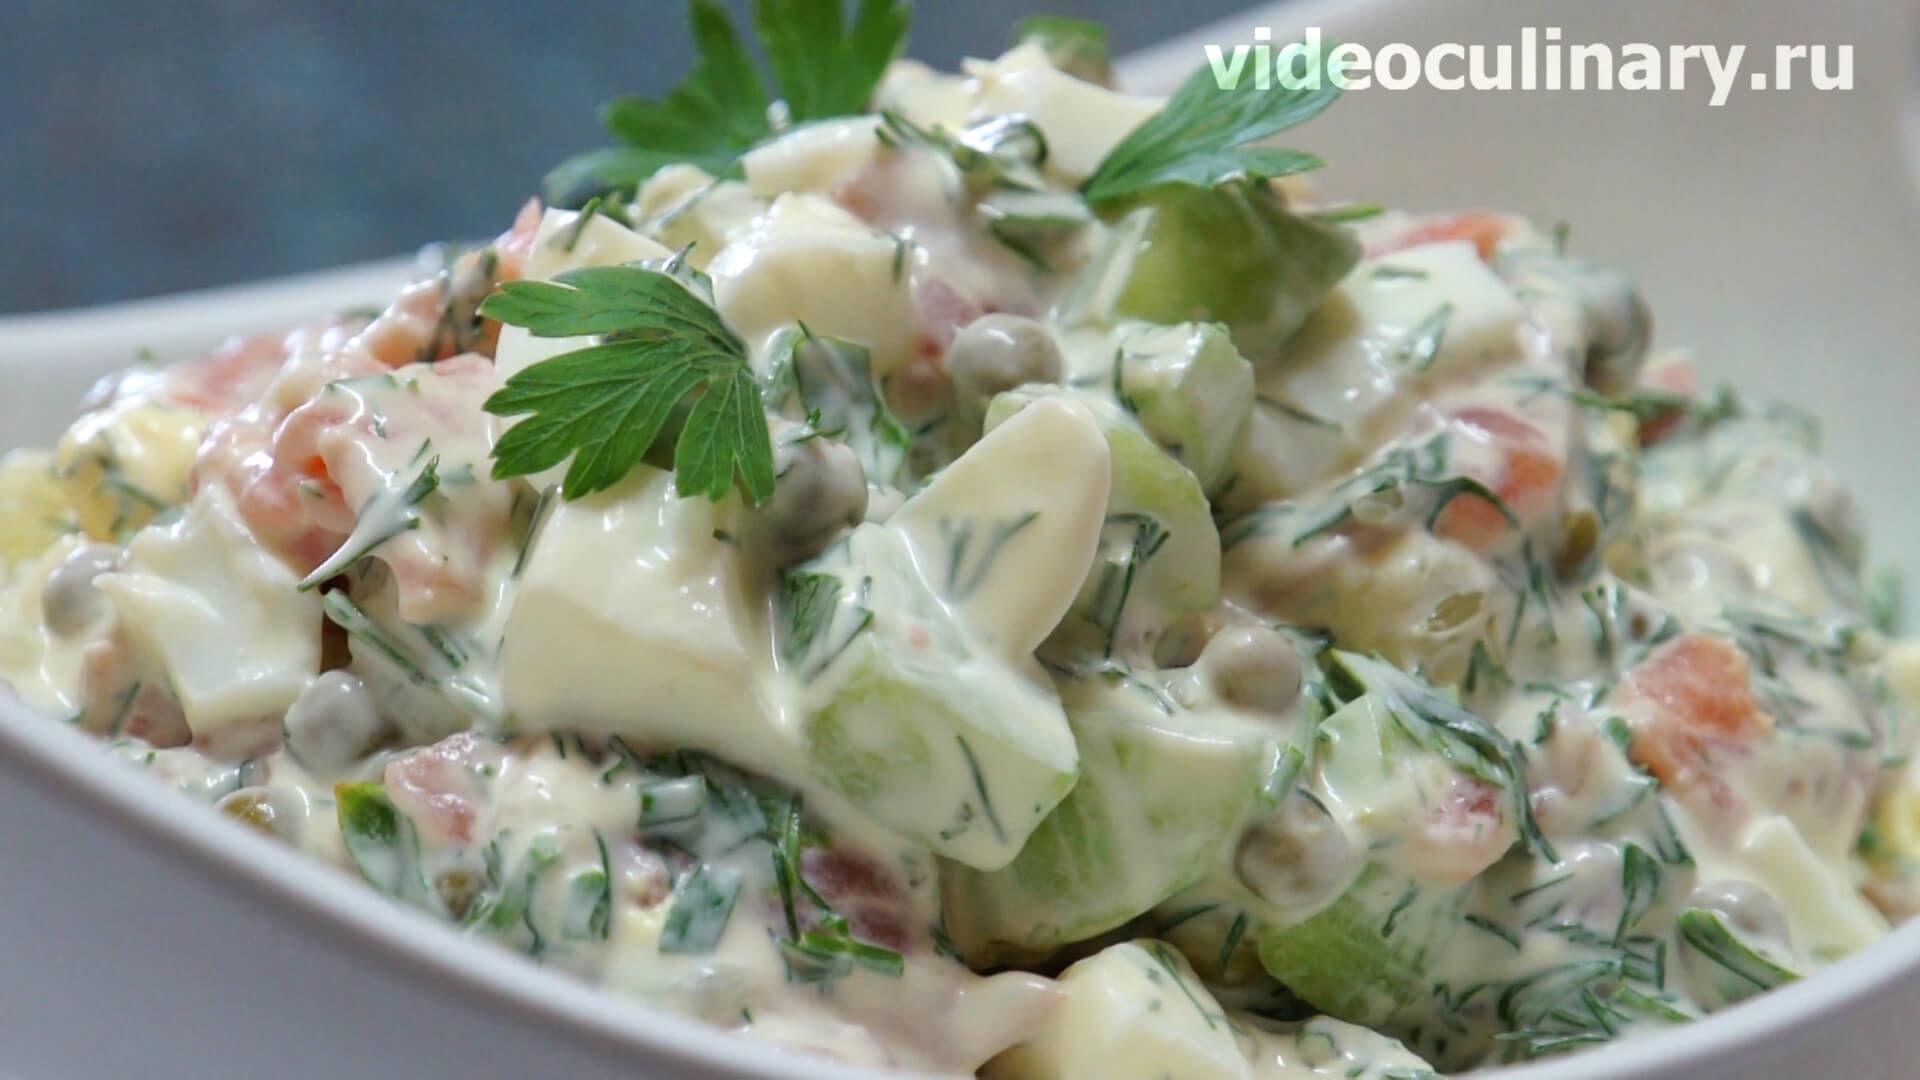 вкусные рецепты салатов из копченой рыбы